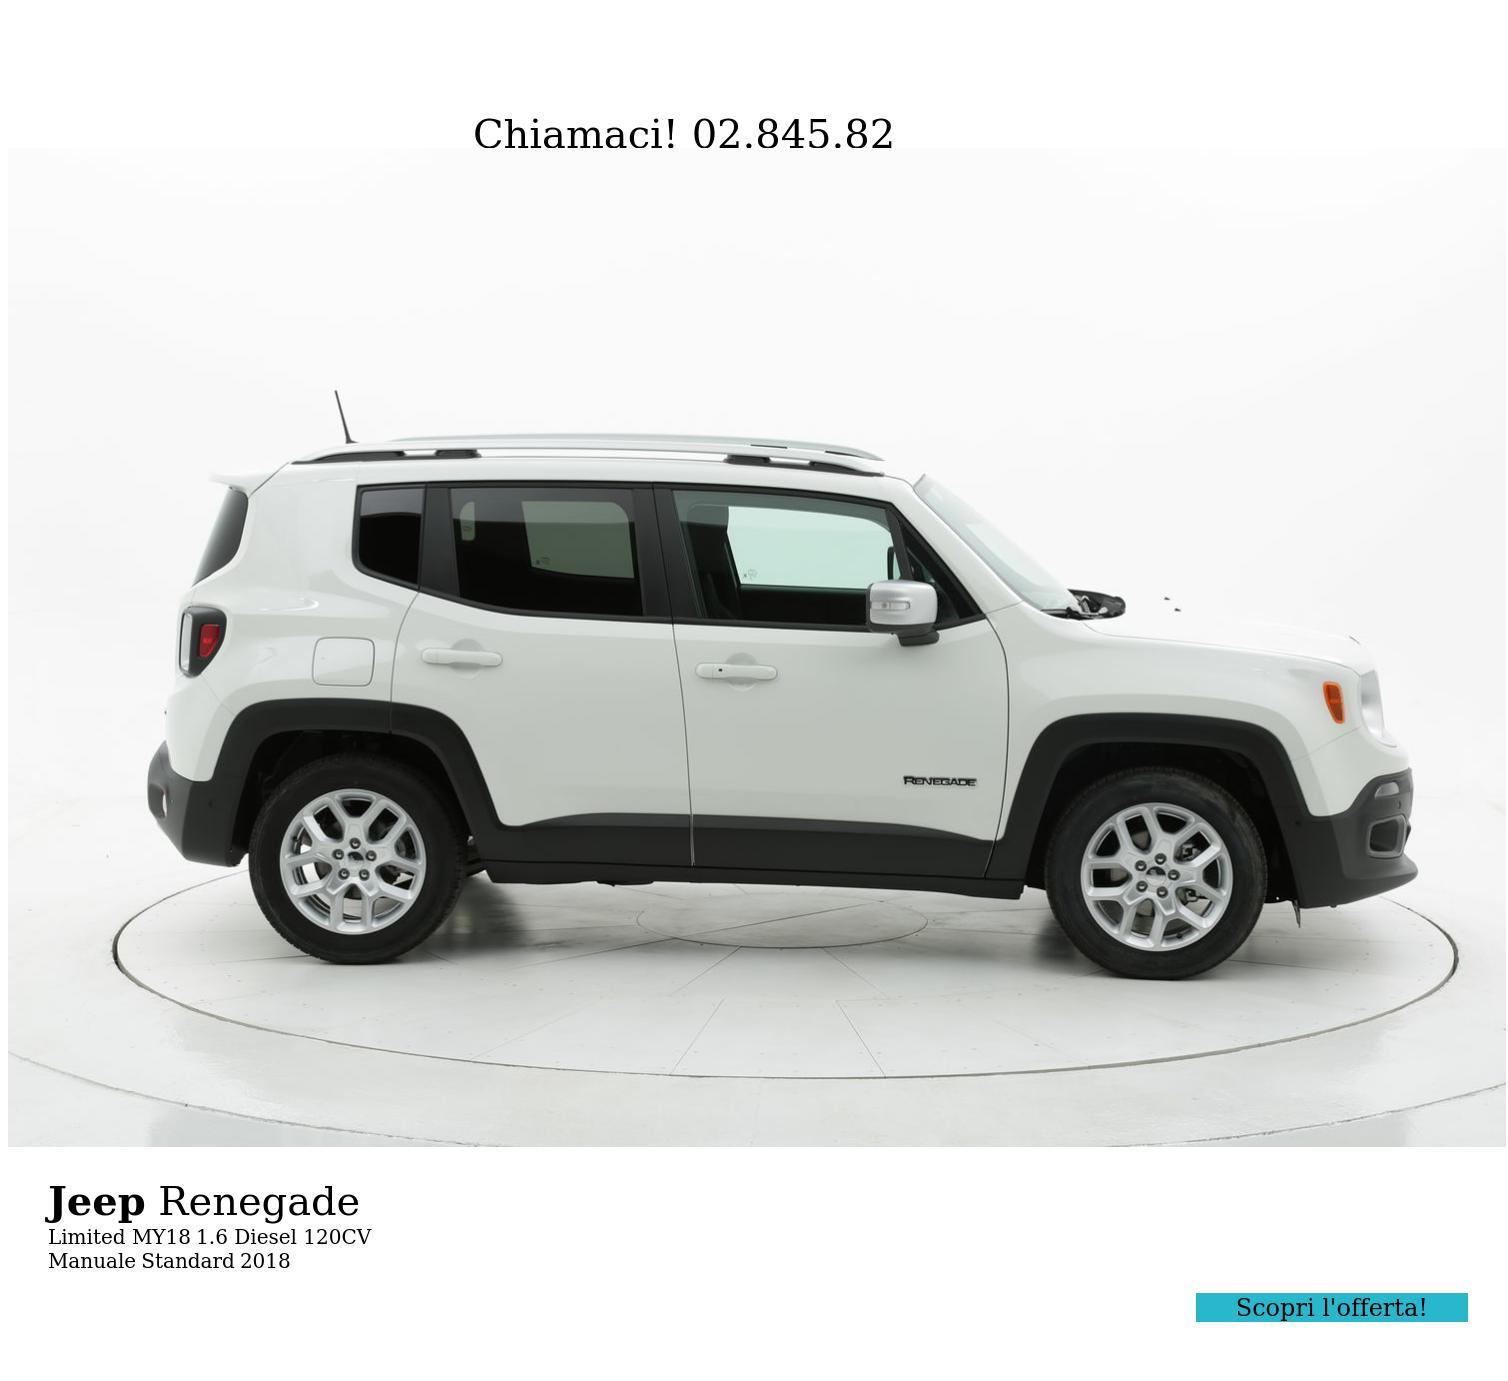 Jeep Renegade Limited MY18 km 0 diesel bianca | brumbrum